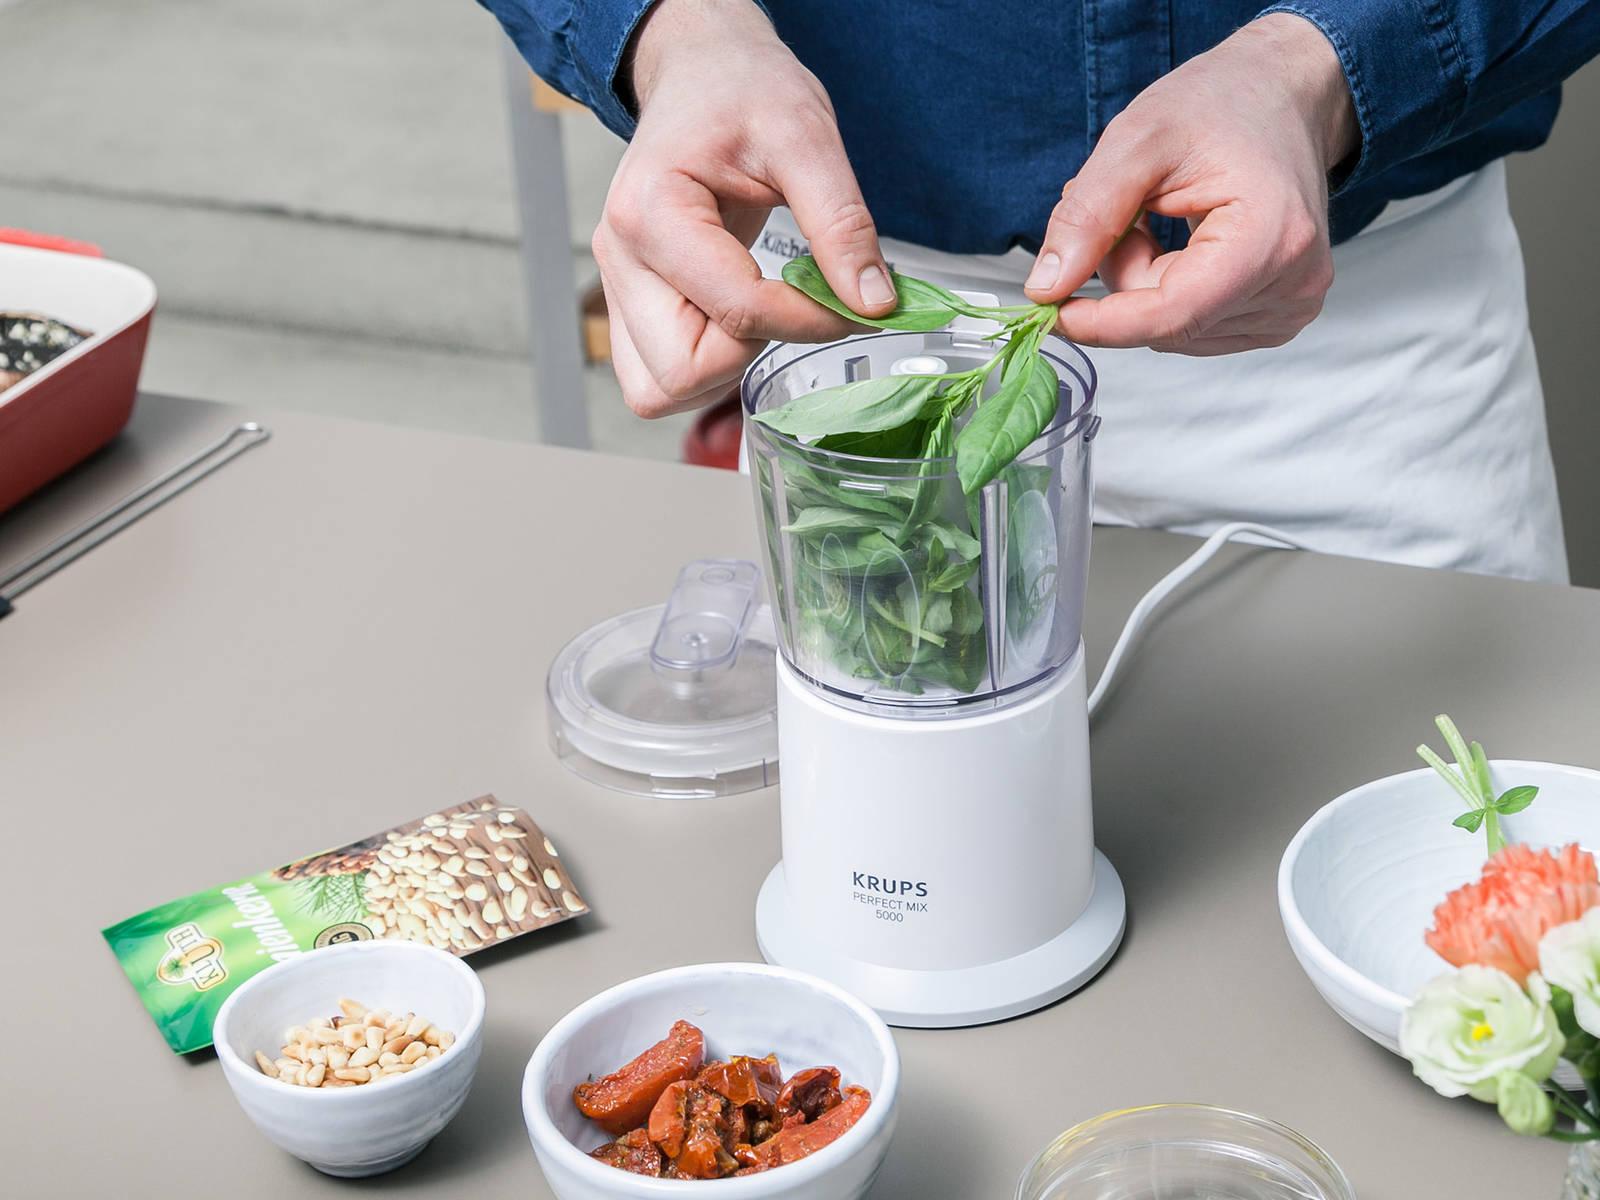 与此同时,将松仁放到平底锅里烘一烘,然后倒出至一只碗中。摘下罗勒叶片,放到料理机中。再加入干番茄、烤松子、部分橄榄油、盐与胡椒,搅打成酱料,置于一旁。